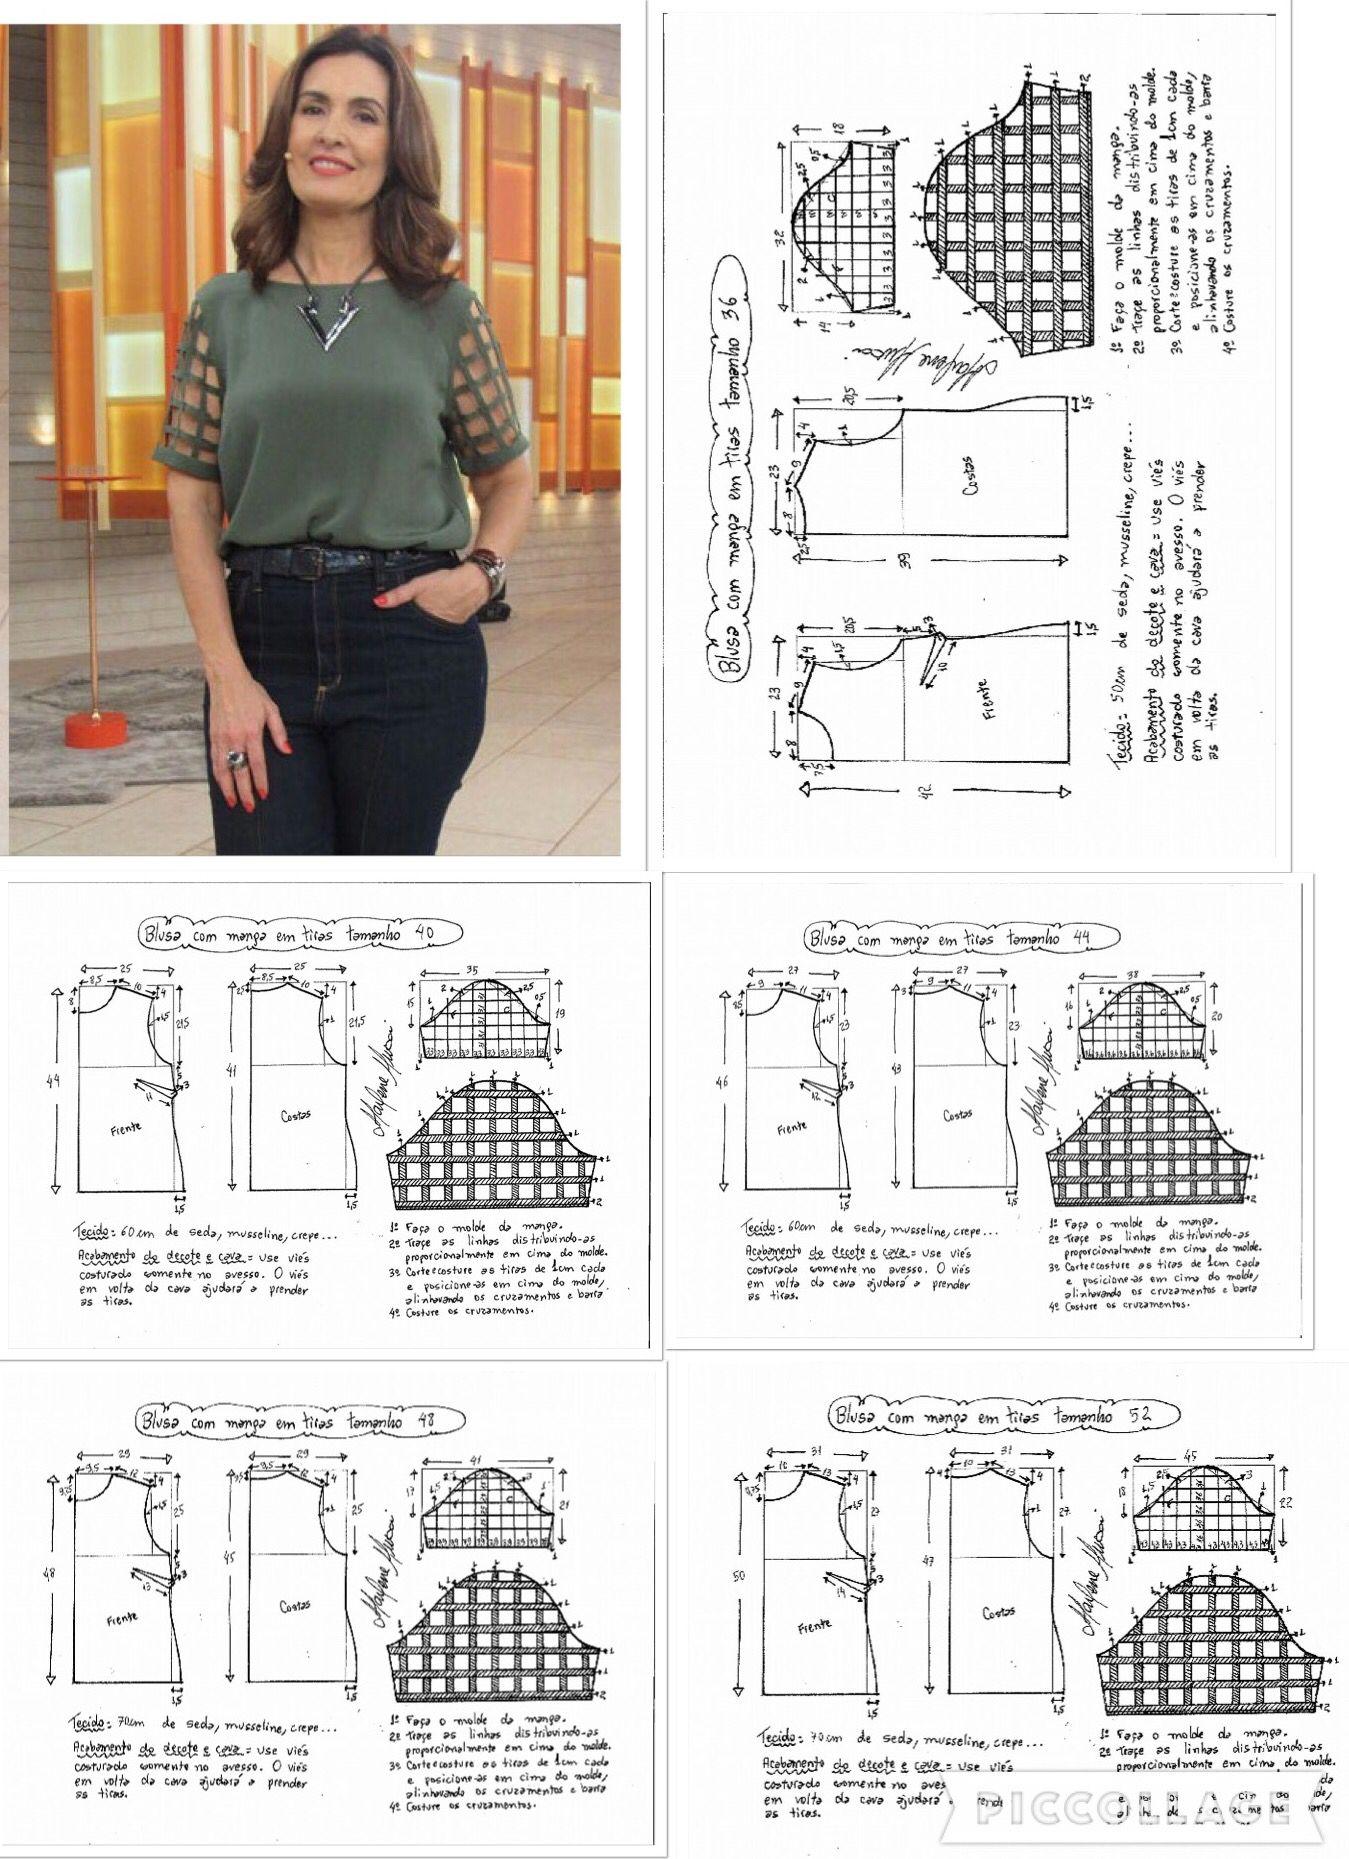 Pin de Deisy Zarate en moldes | Pinterest | Costura, Patrones y Molde